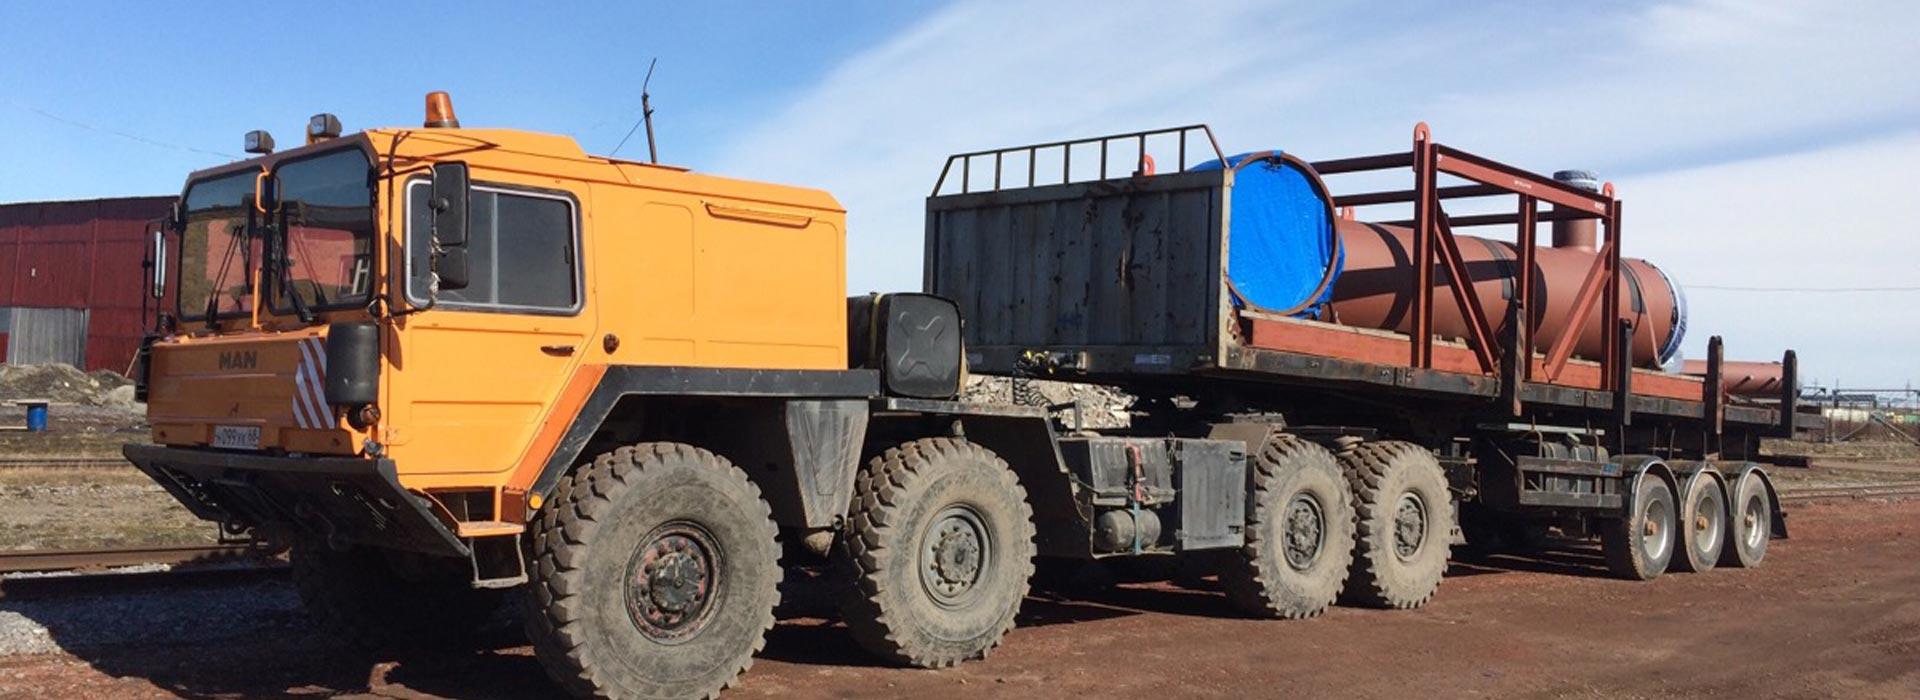 Перевозка крупногабаритных грузов на тралах